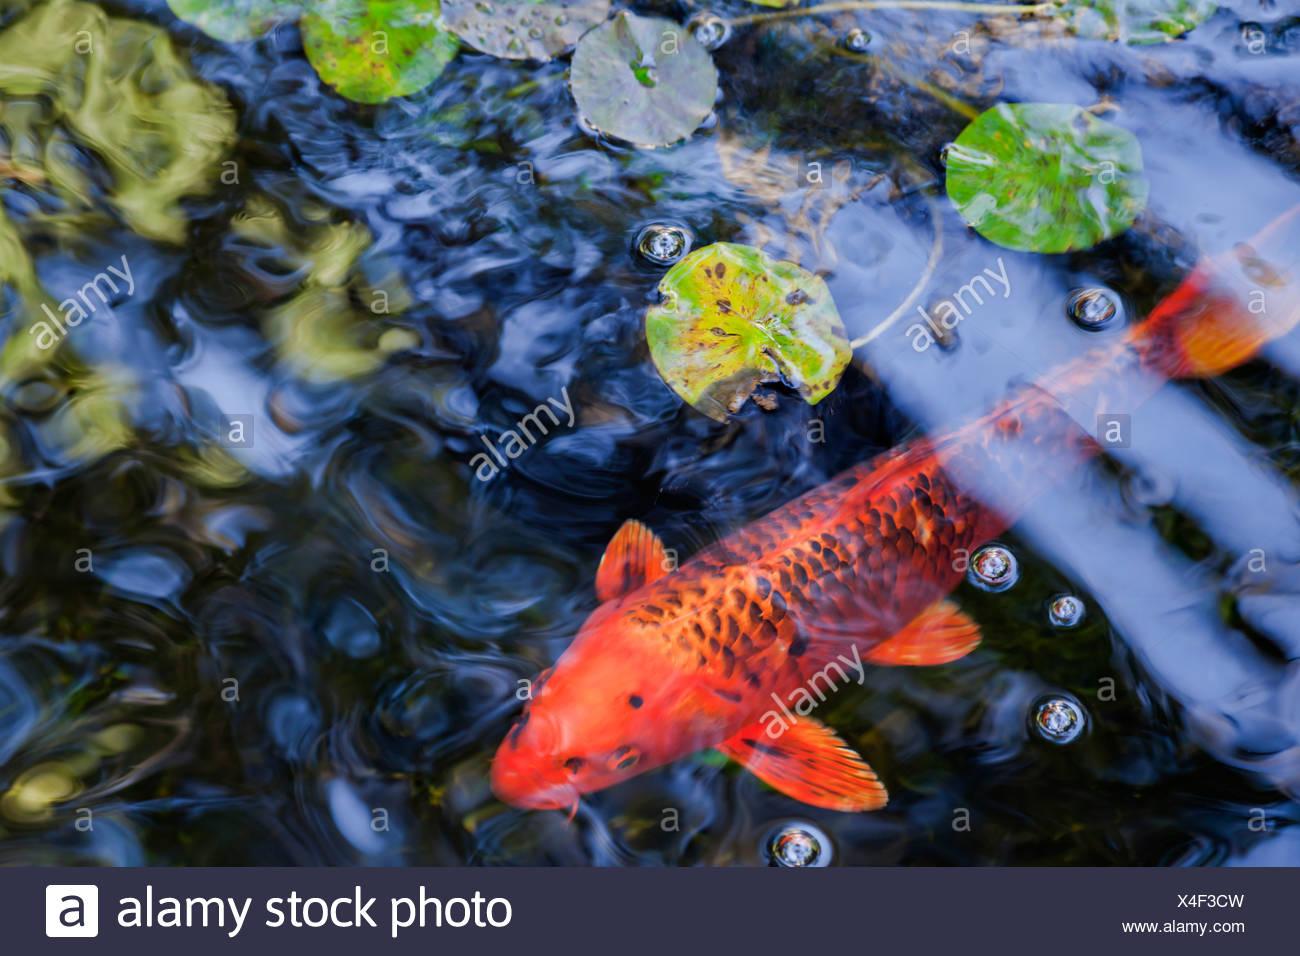 Close-up de un pez en el estanque, la Autorealizacion Beca Jardín de meditación, Encinitas, California, EE.UU. Imagen De Stock